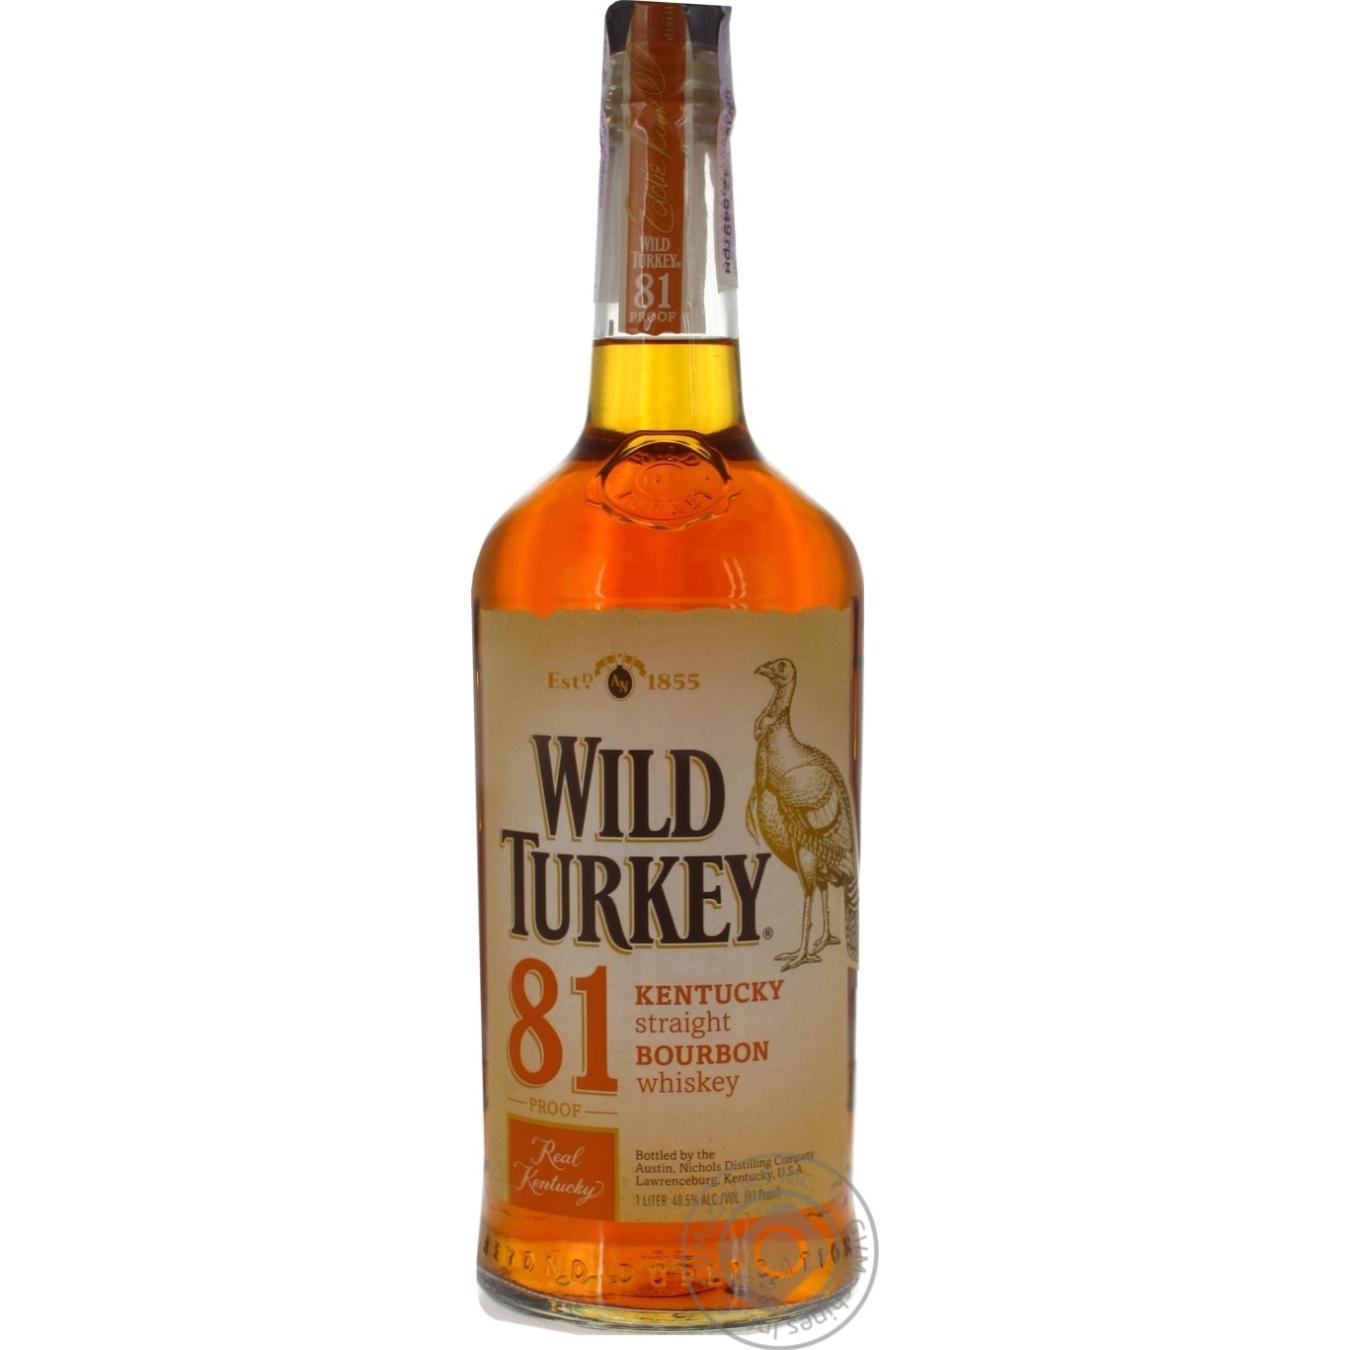 WILD TURKEY БУРБОН 81 1Л